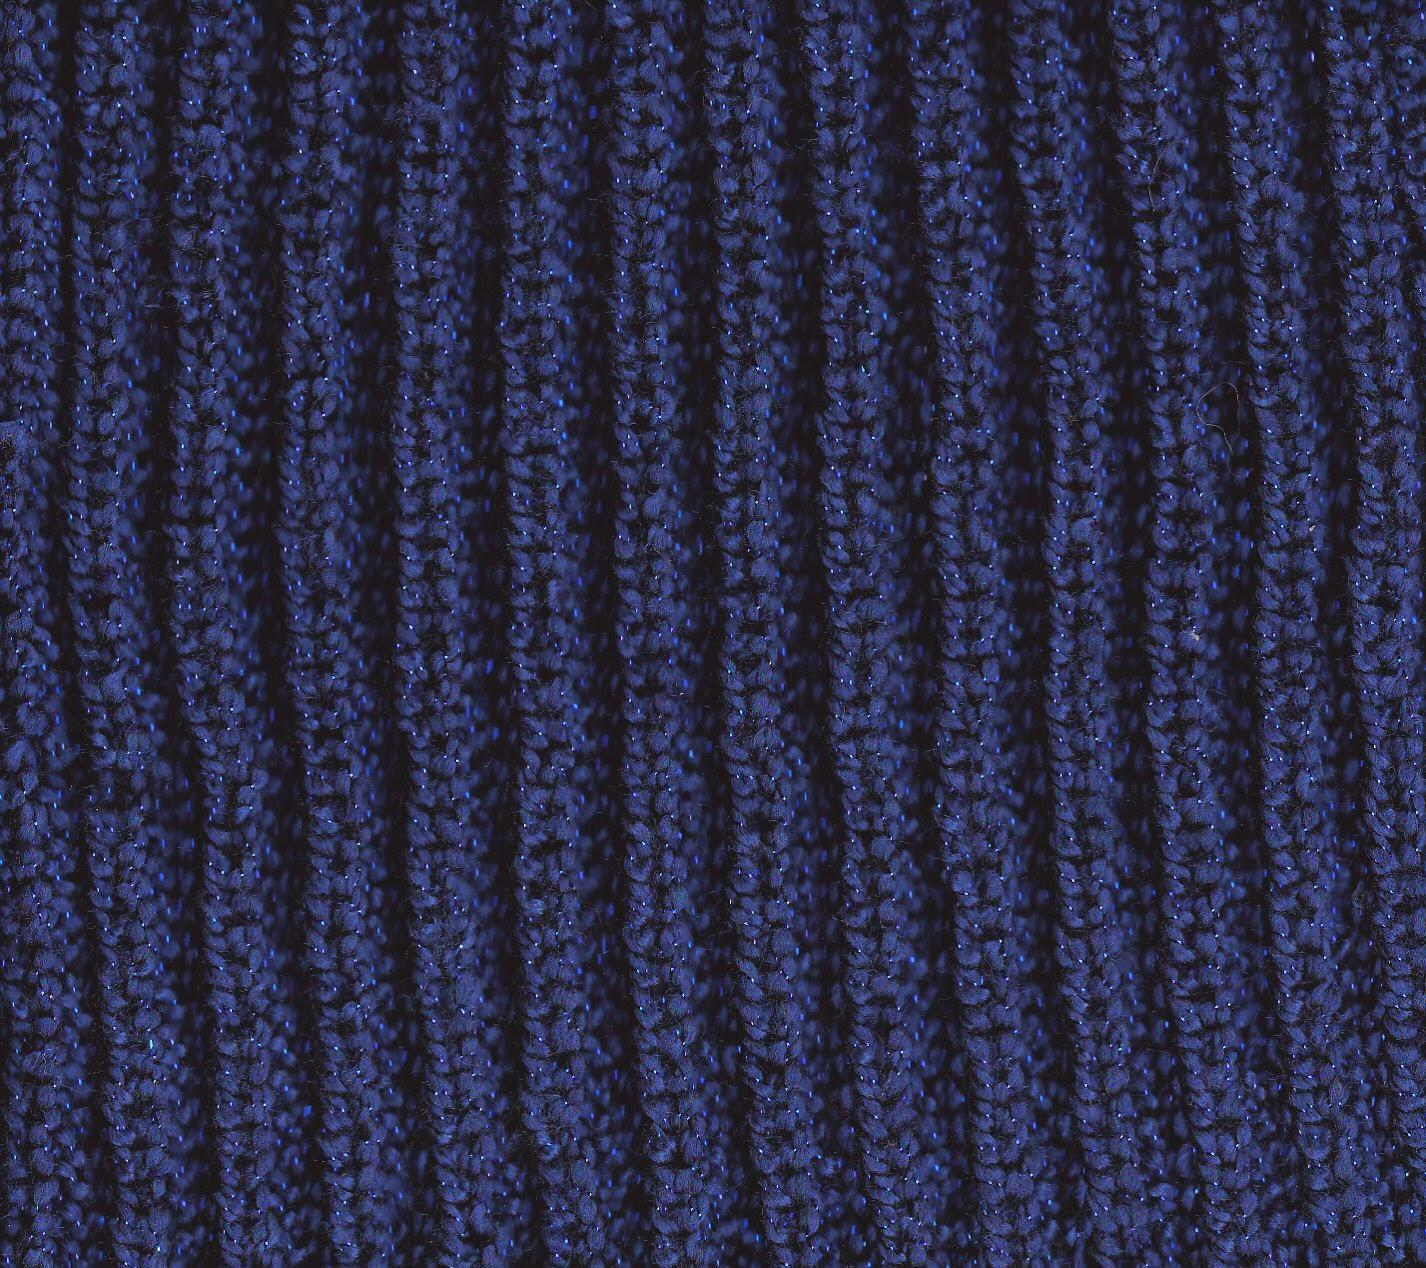 Patentsteek; Sjaal; Colsjaal; Breiring; Breiraam; Breien; Steek; Steken; Breisteek; Breisteken; Recht; Averecht; boordsteek; Loom; knitting; Col; Hobby; Hoe